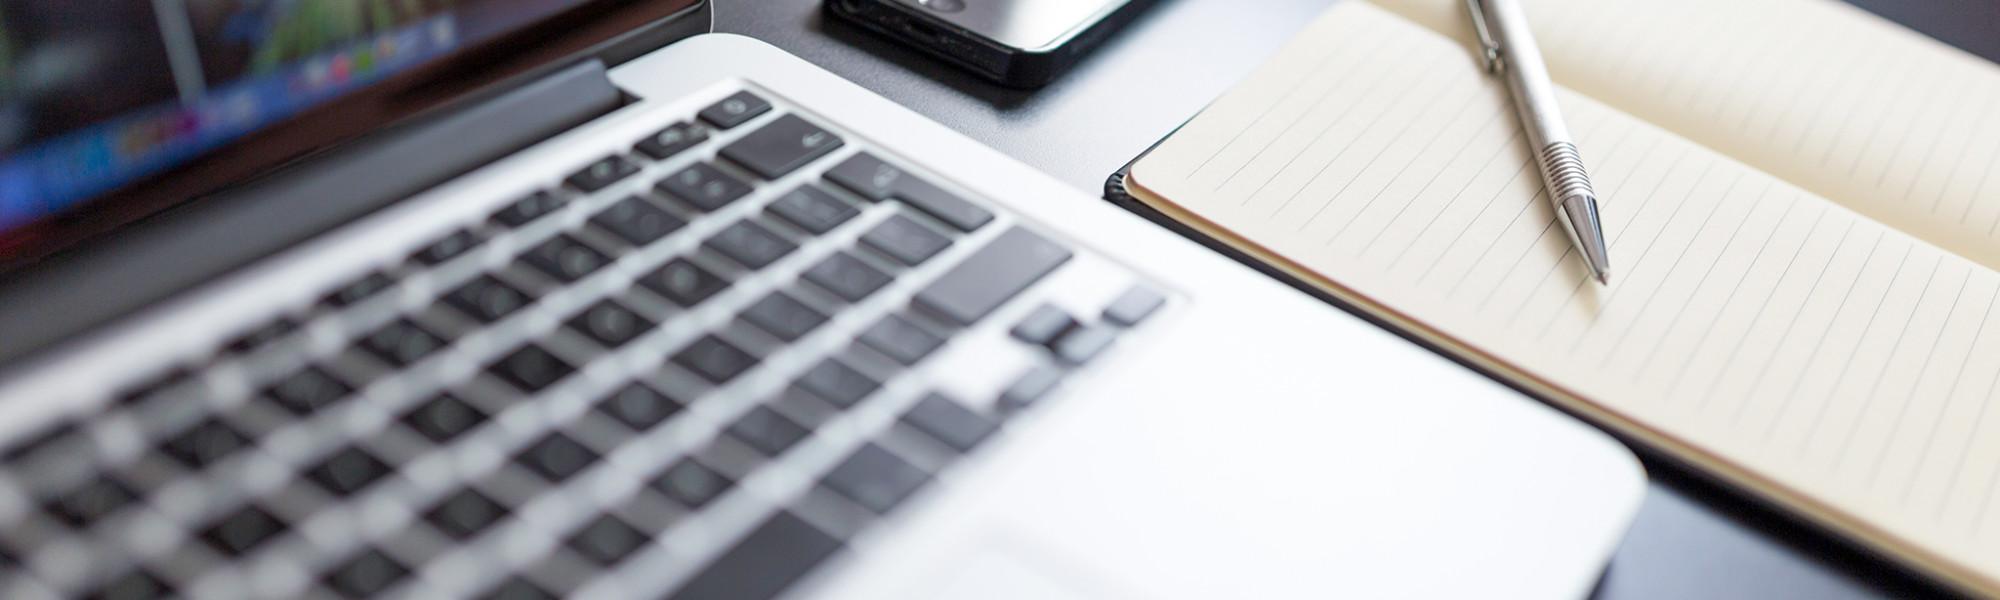 Kuvassa tietokone, puhelin, muistilehtiö sekä kynä